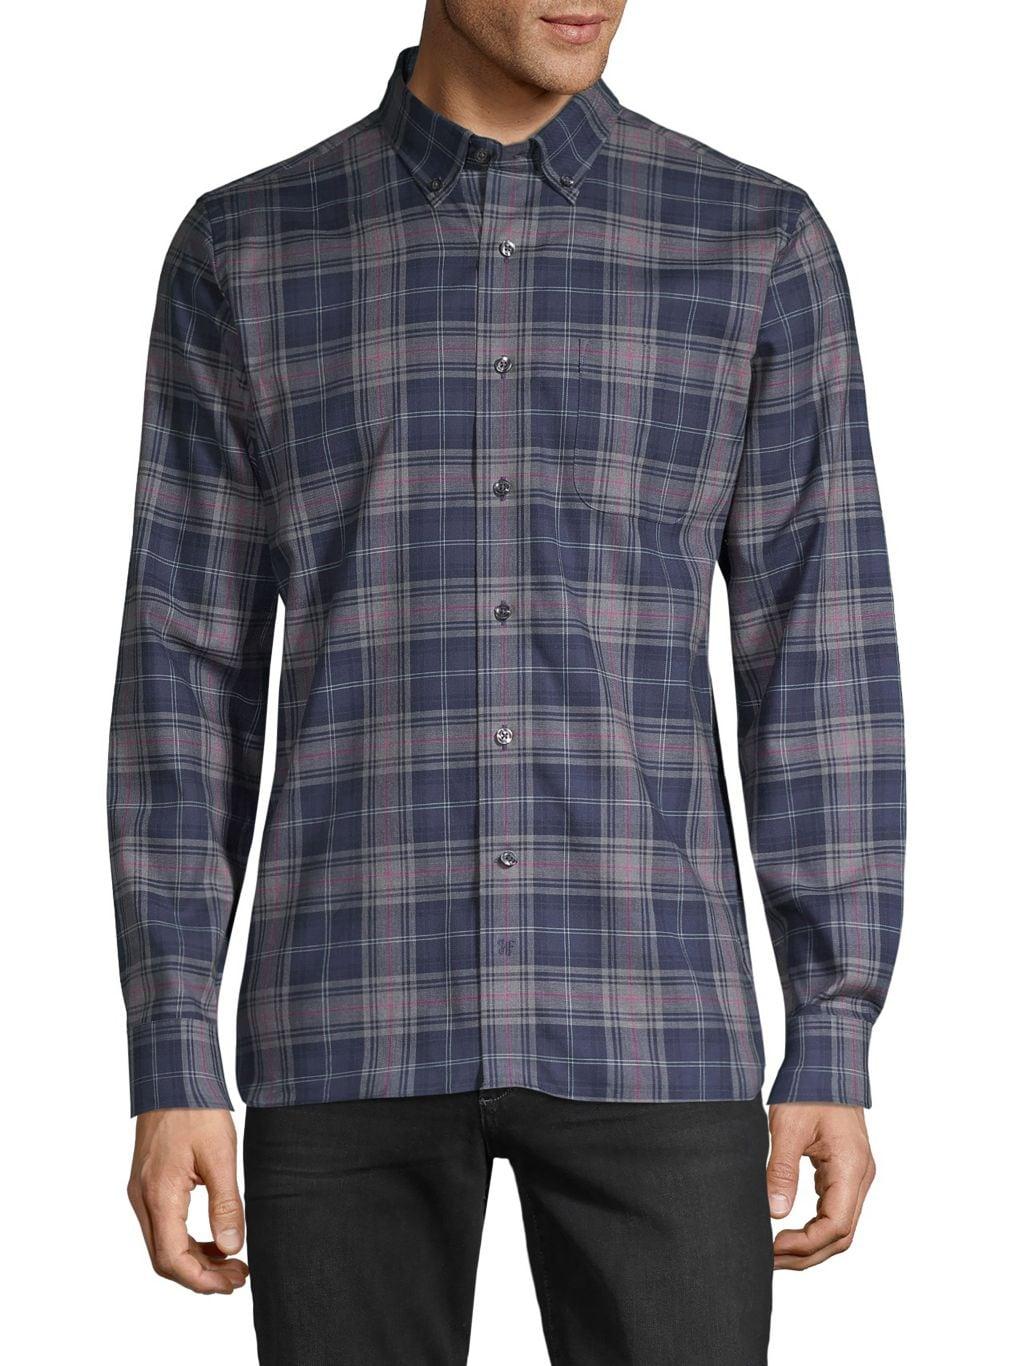 Hickey Freeman Yarn-Dyed Plaid Shirt